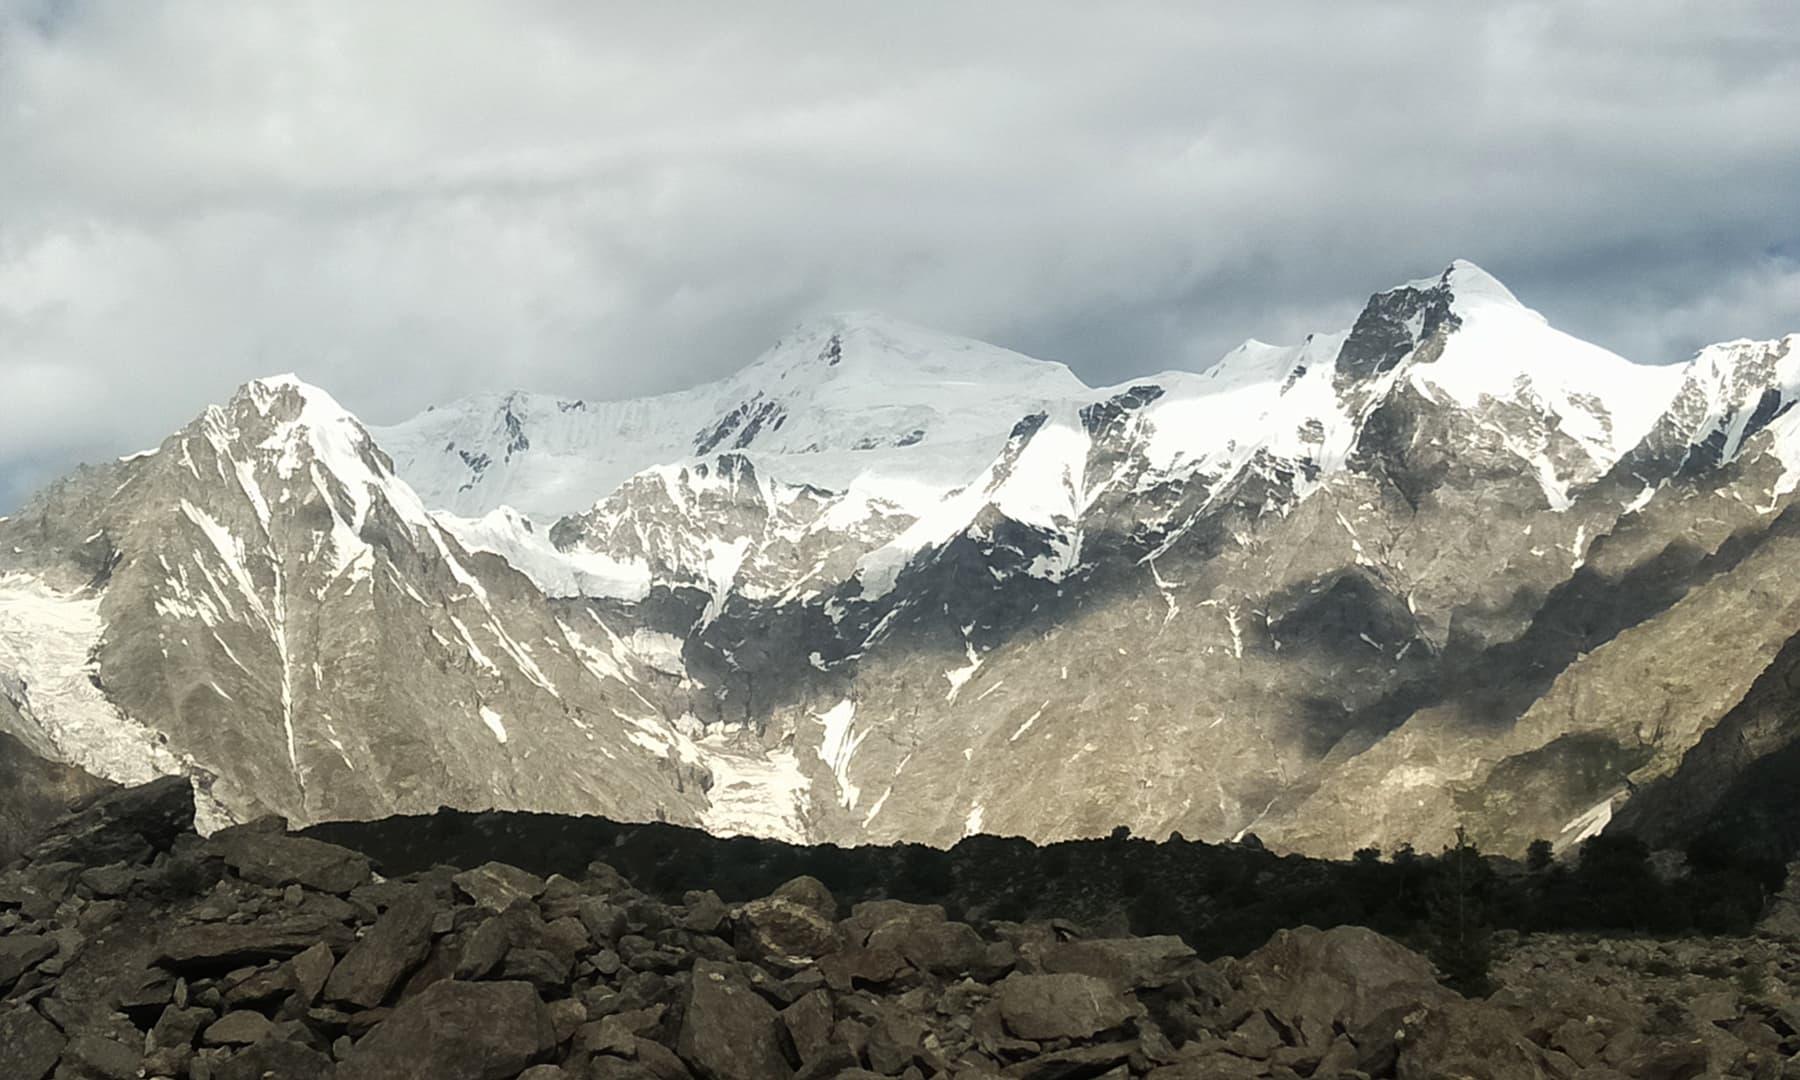 نانگا پربت کی چوٹیوں کا خوبصورت منظر— تصویر عظمت اکبر